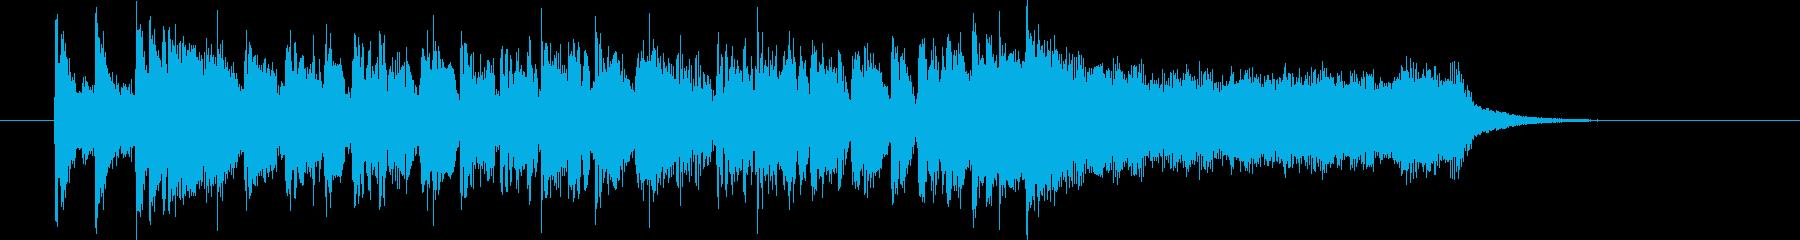 疾走感とドキドキ感のシンセギターサウンドの再生済みの波形